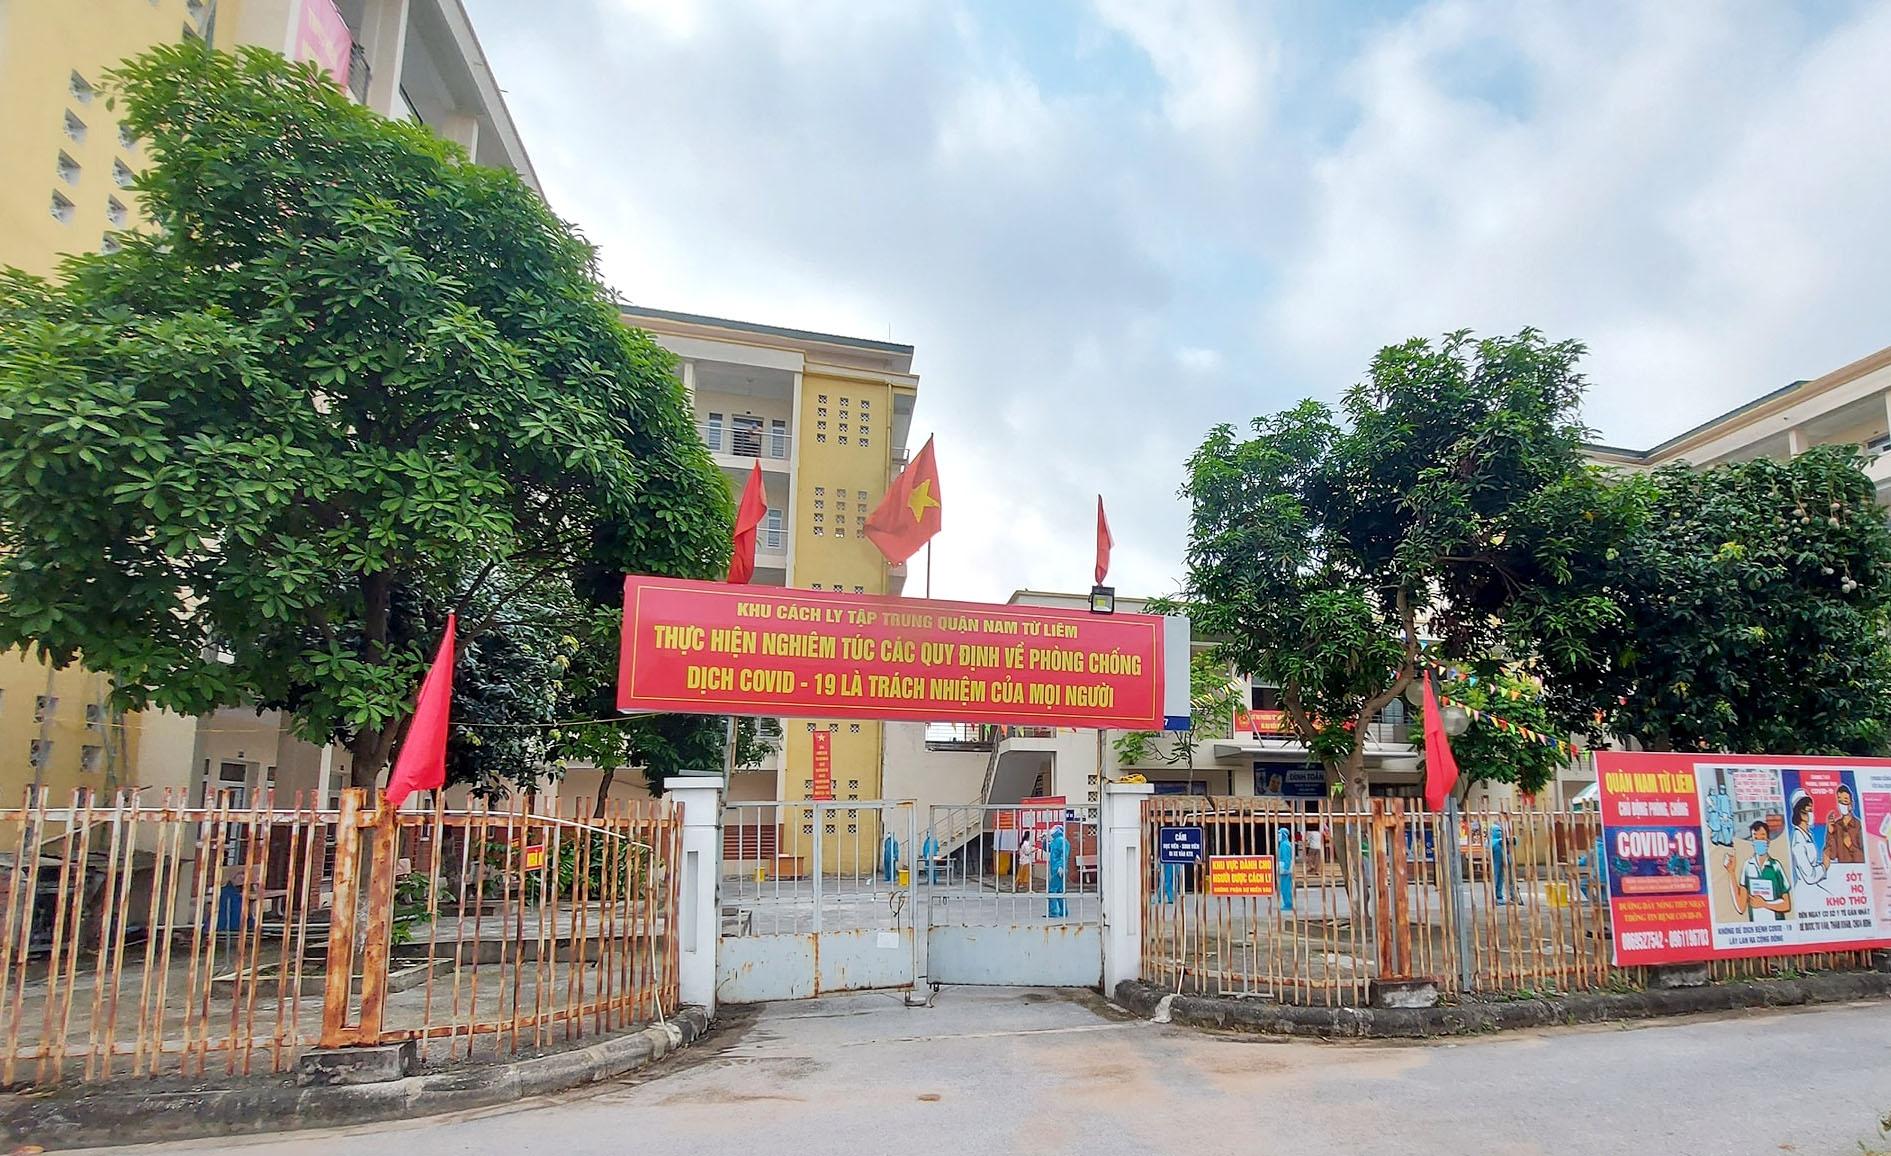 Hôm nay (23/5) hàng triệu cử tri Hà Nội náo nức trong Ngày hội bầu cử toàn dân